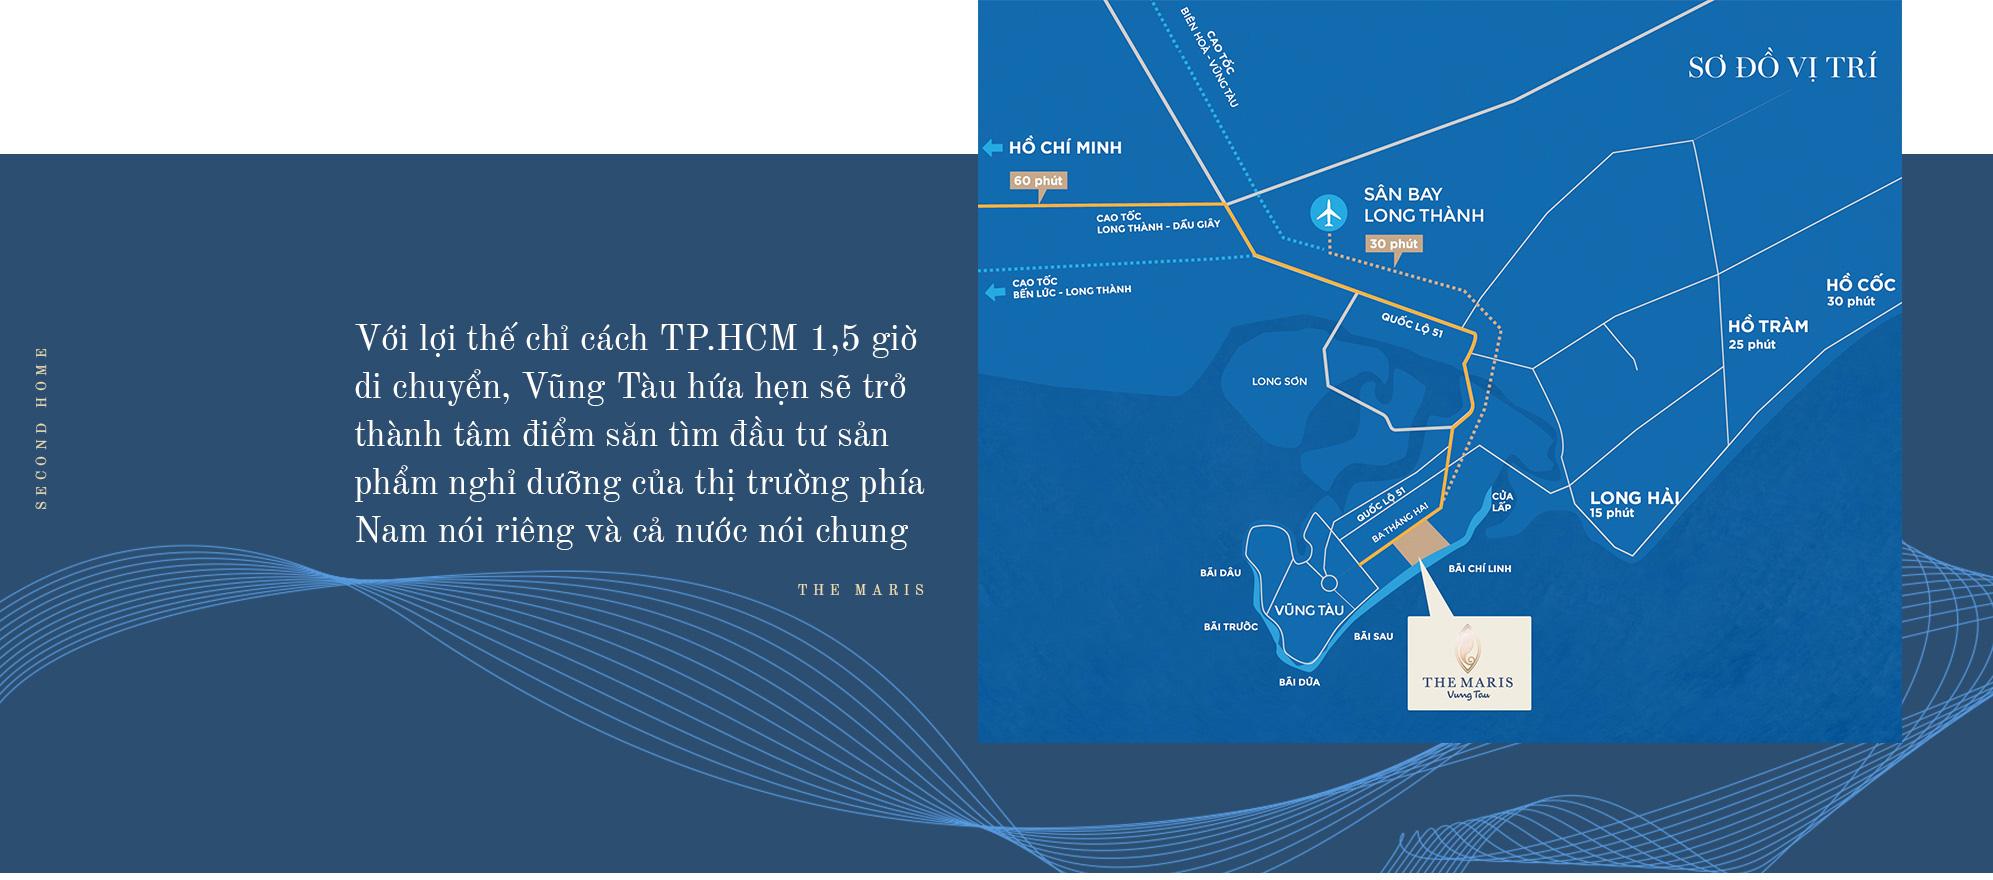 Chuỗi giá trị kiêu hãnh giúp The Maris vươn xa trên bản đồ du lịch Việt Nam - Ảnh 22.